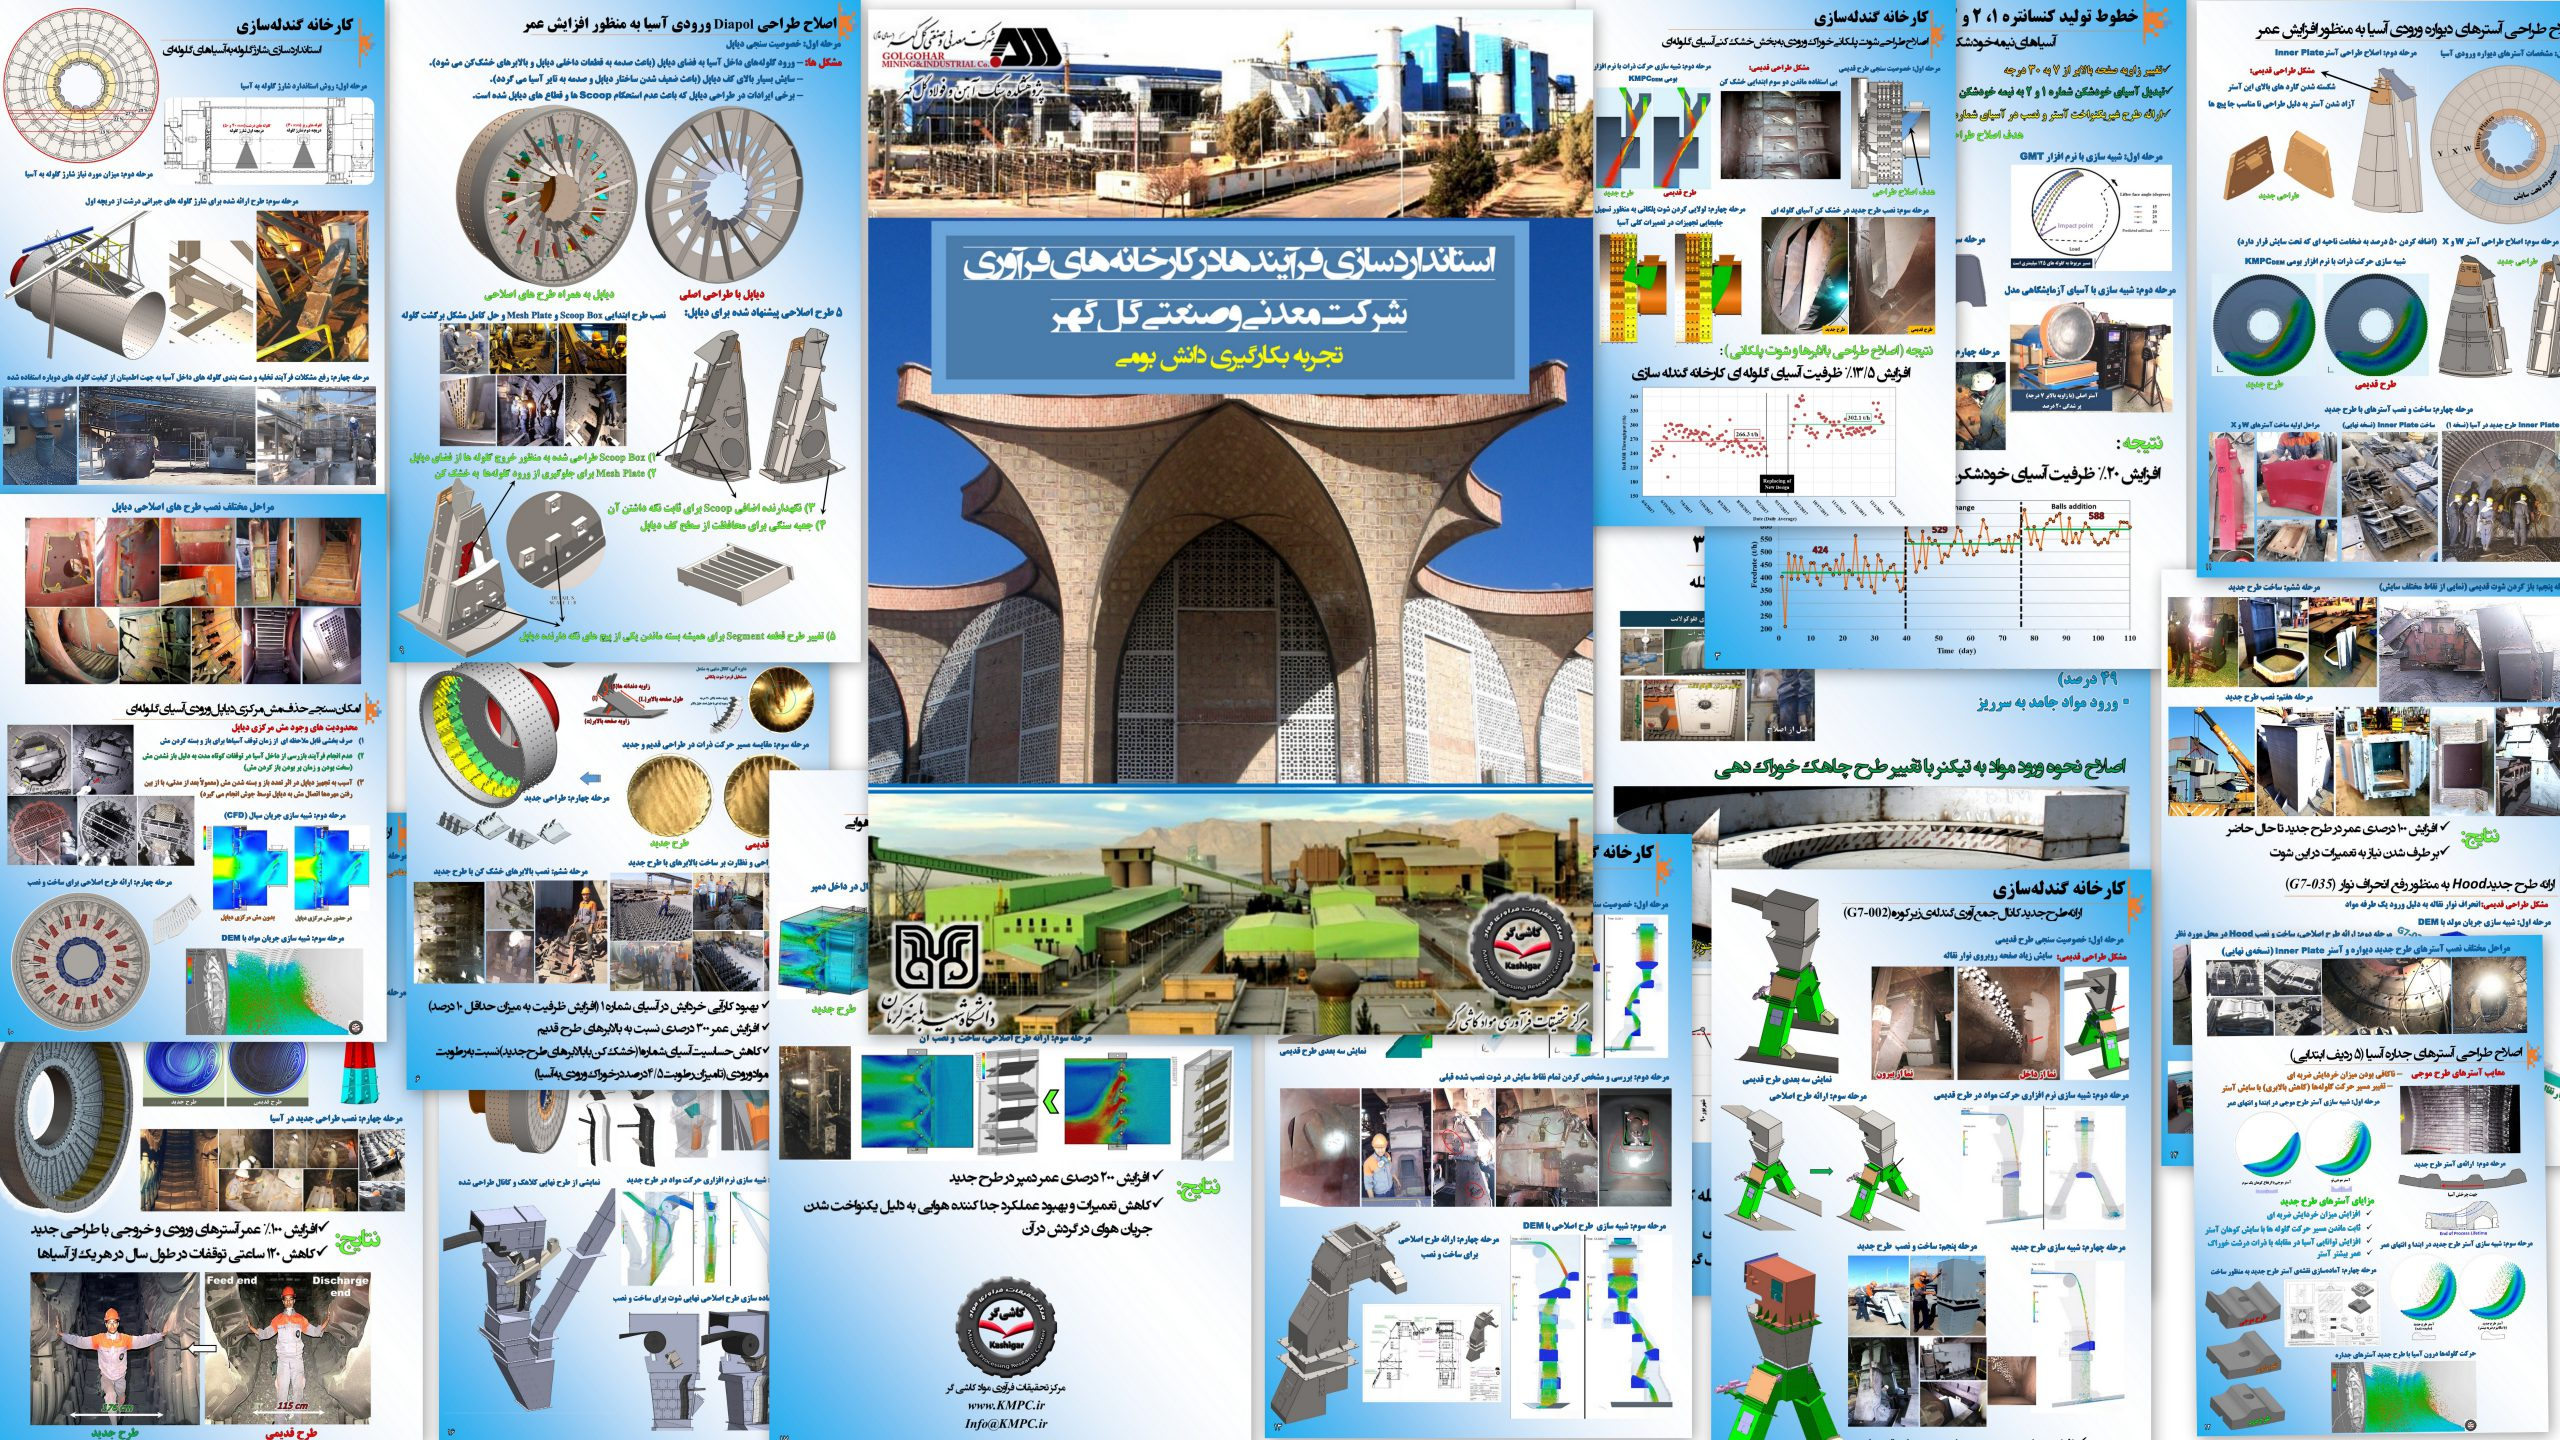 ارائه خلاصه عملکرد ۱۰ ساله ( ۹۸ – ۸۸ ) مرکز تحقیقات فرآوری مواد کاشی گر در شرکت معدنی و صنعتی گل گهر